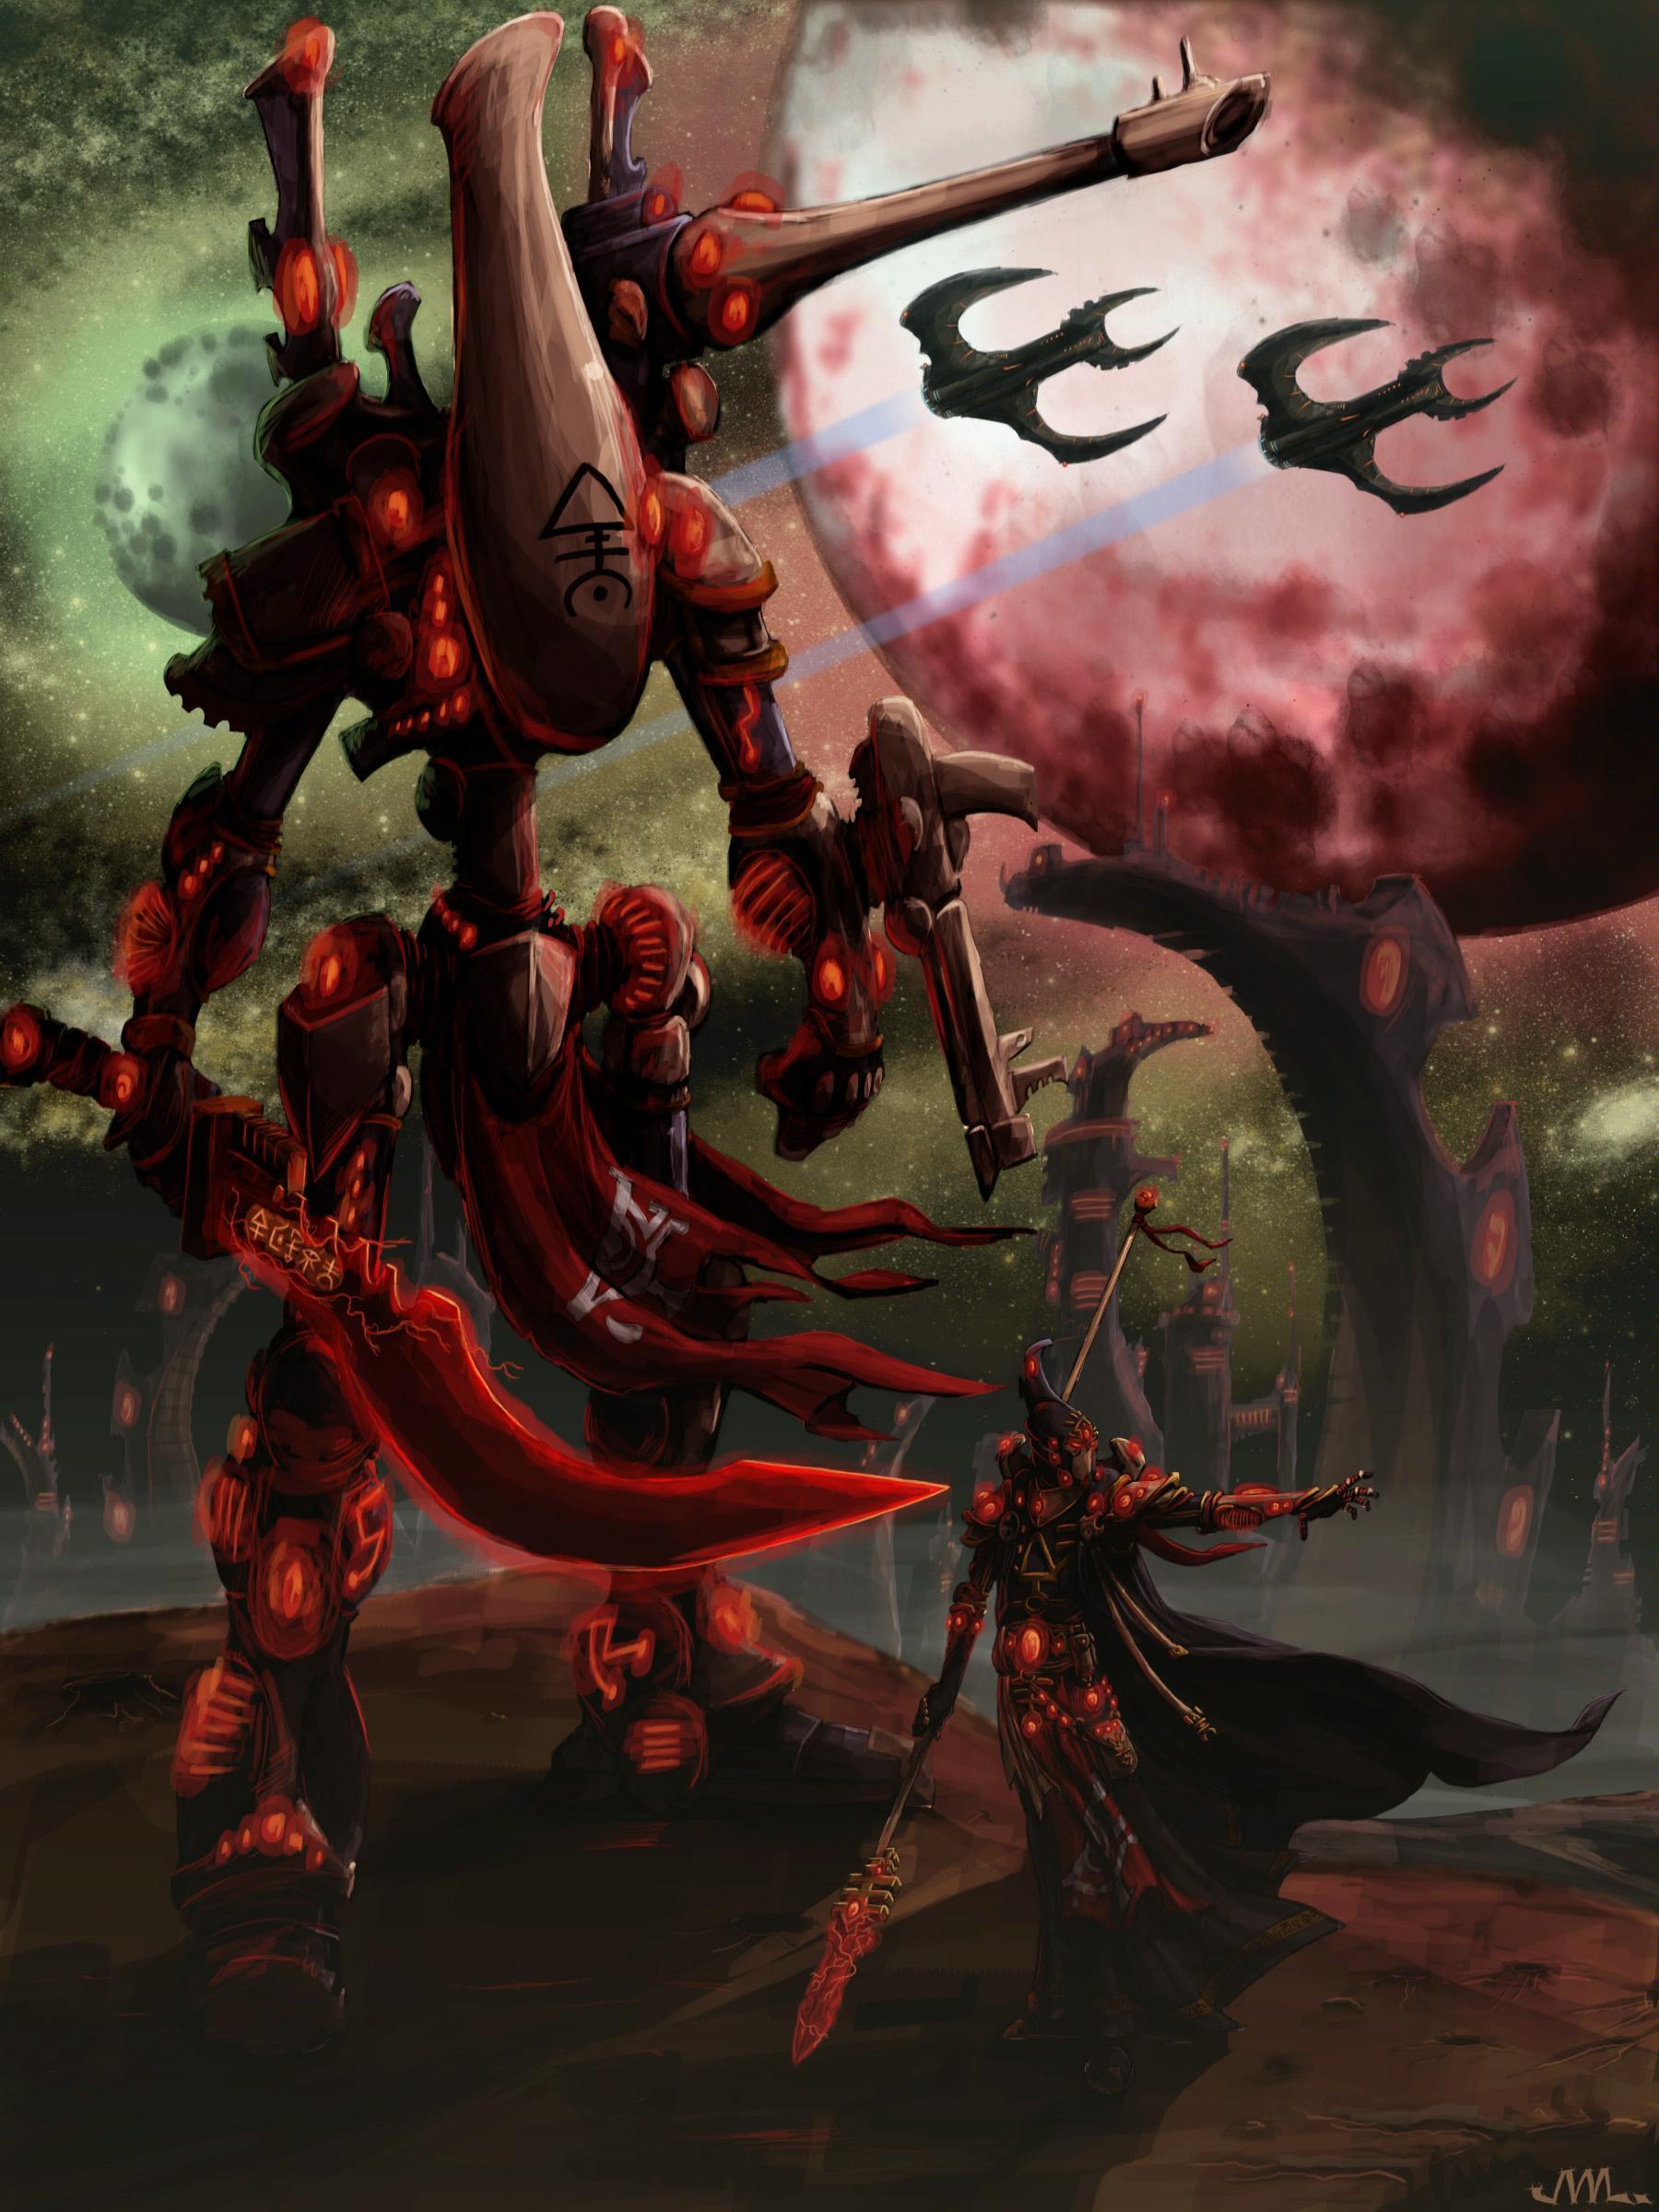 Artwork, Eldar, Farseer, Night, Painting, Wraithlord